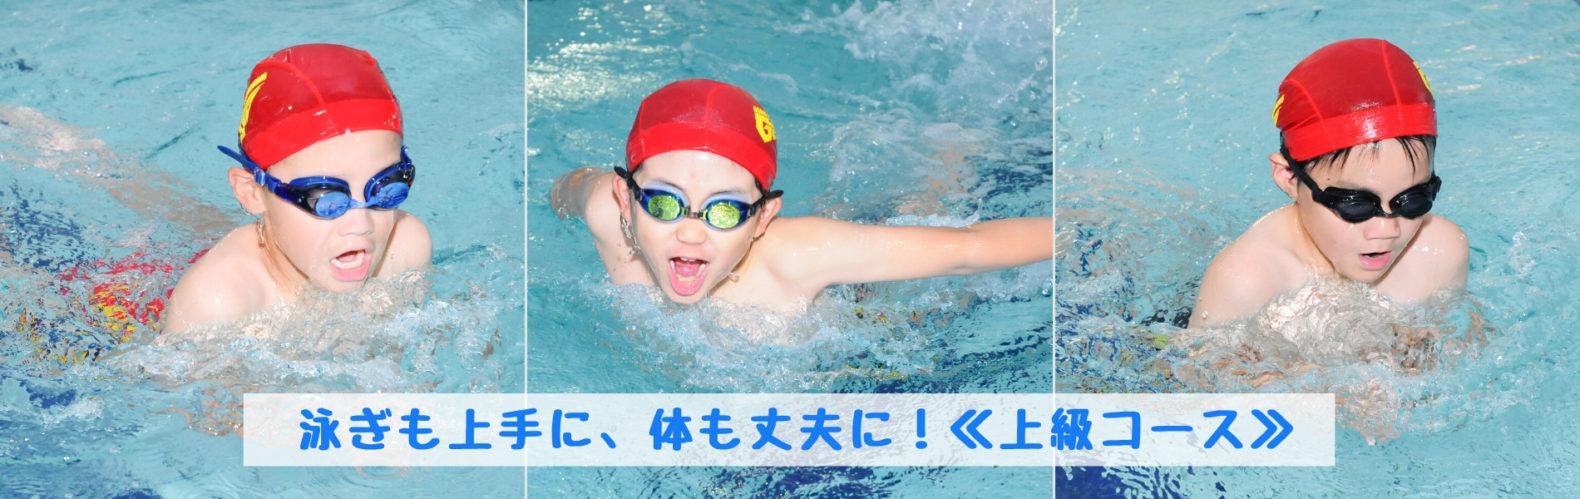 泳ぎも上手に、体も丈夫に!≪上級コース≫